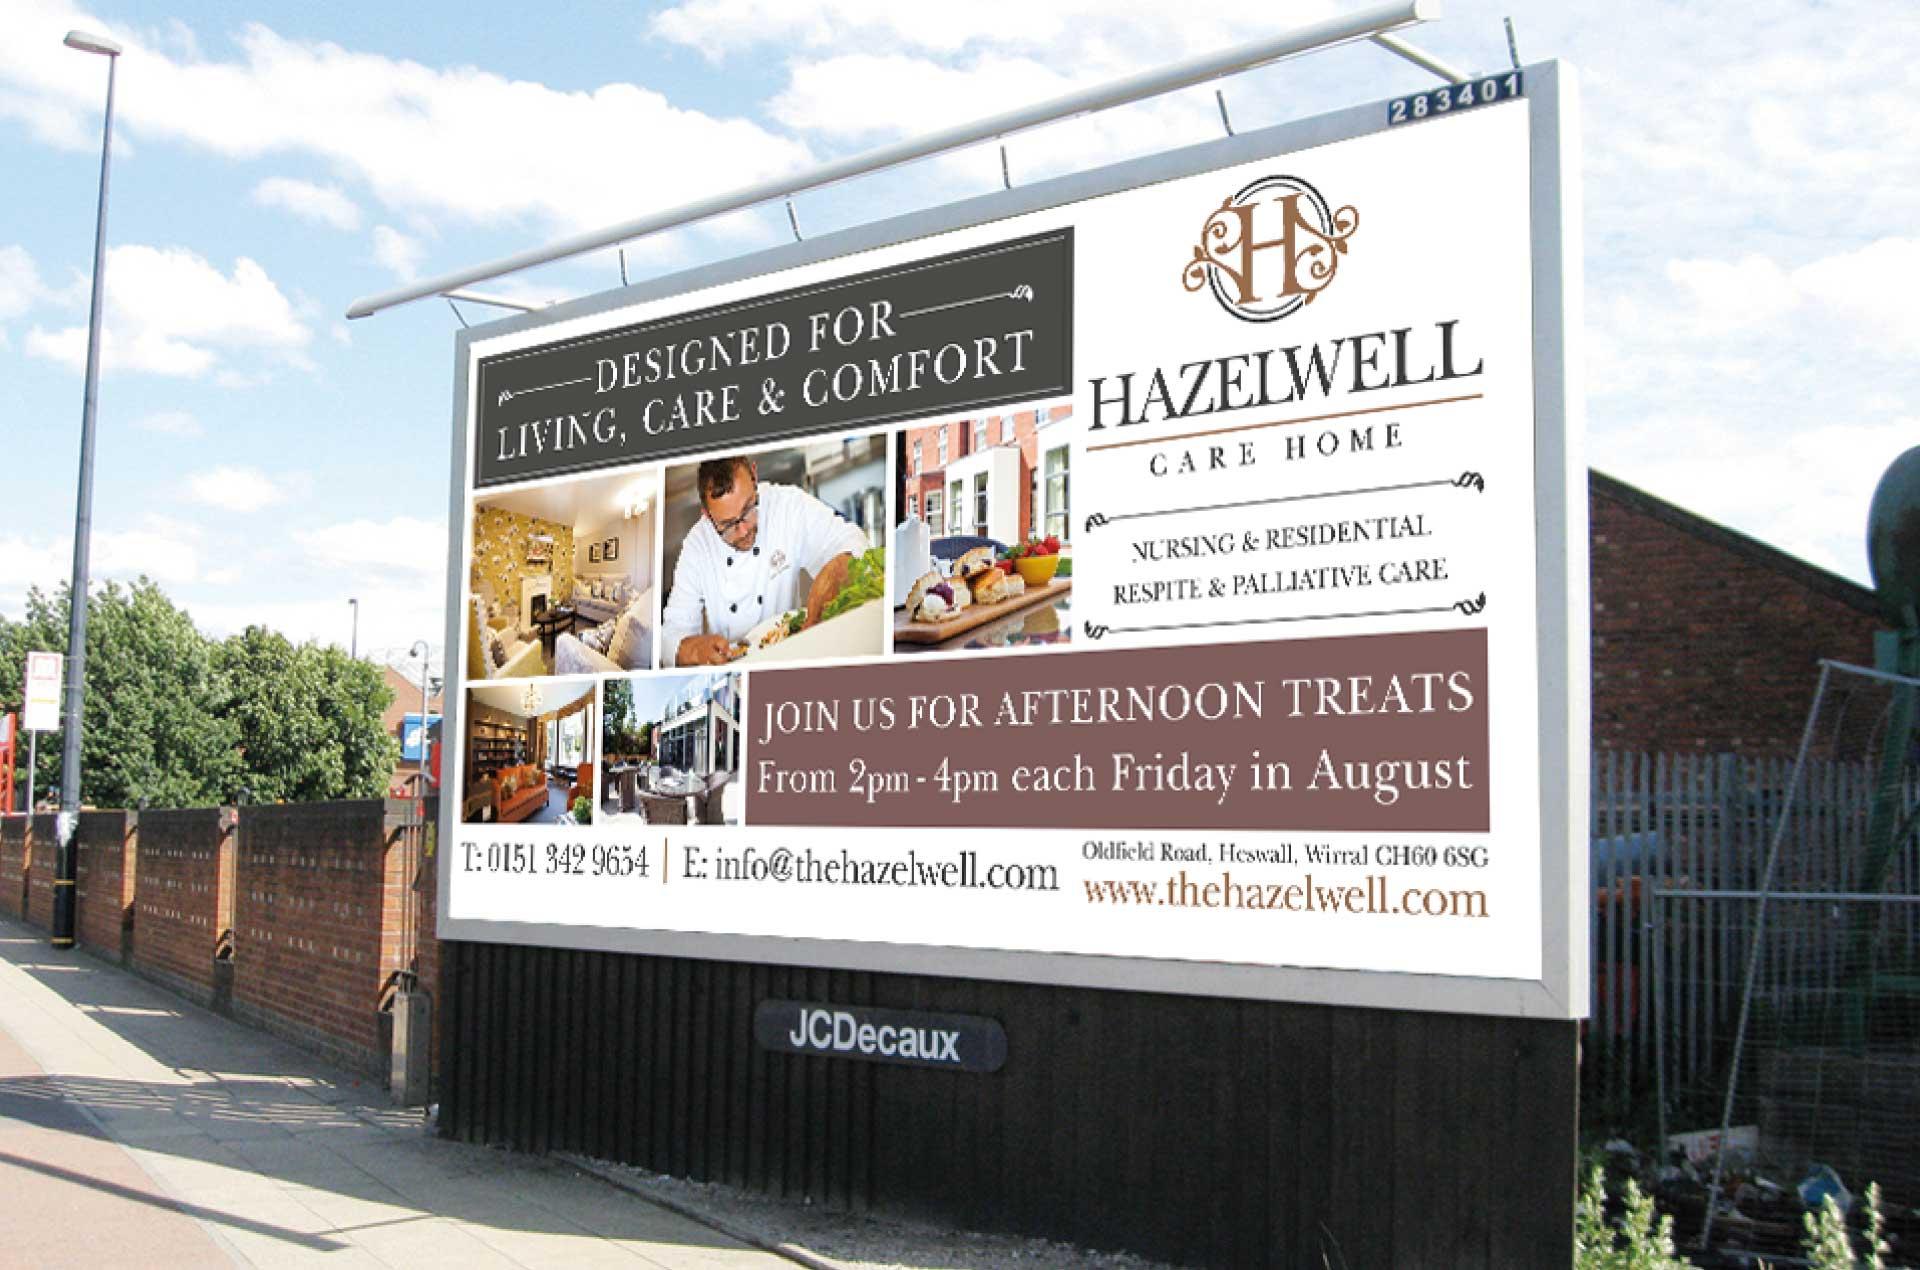 Hazelwell-image4.jpg